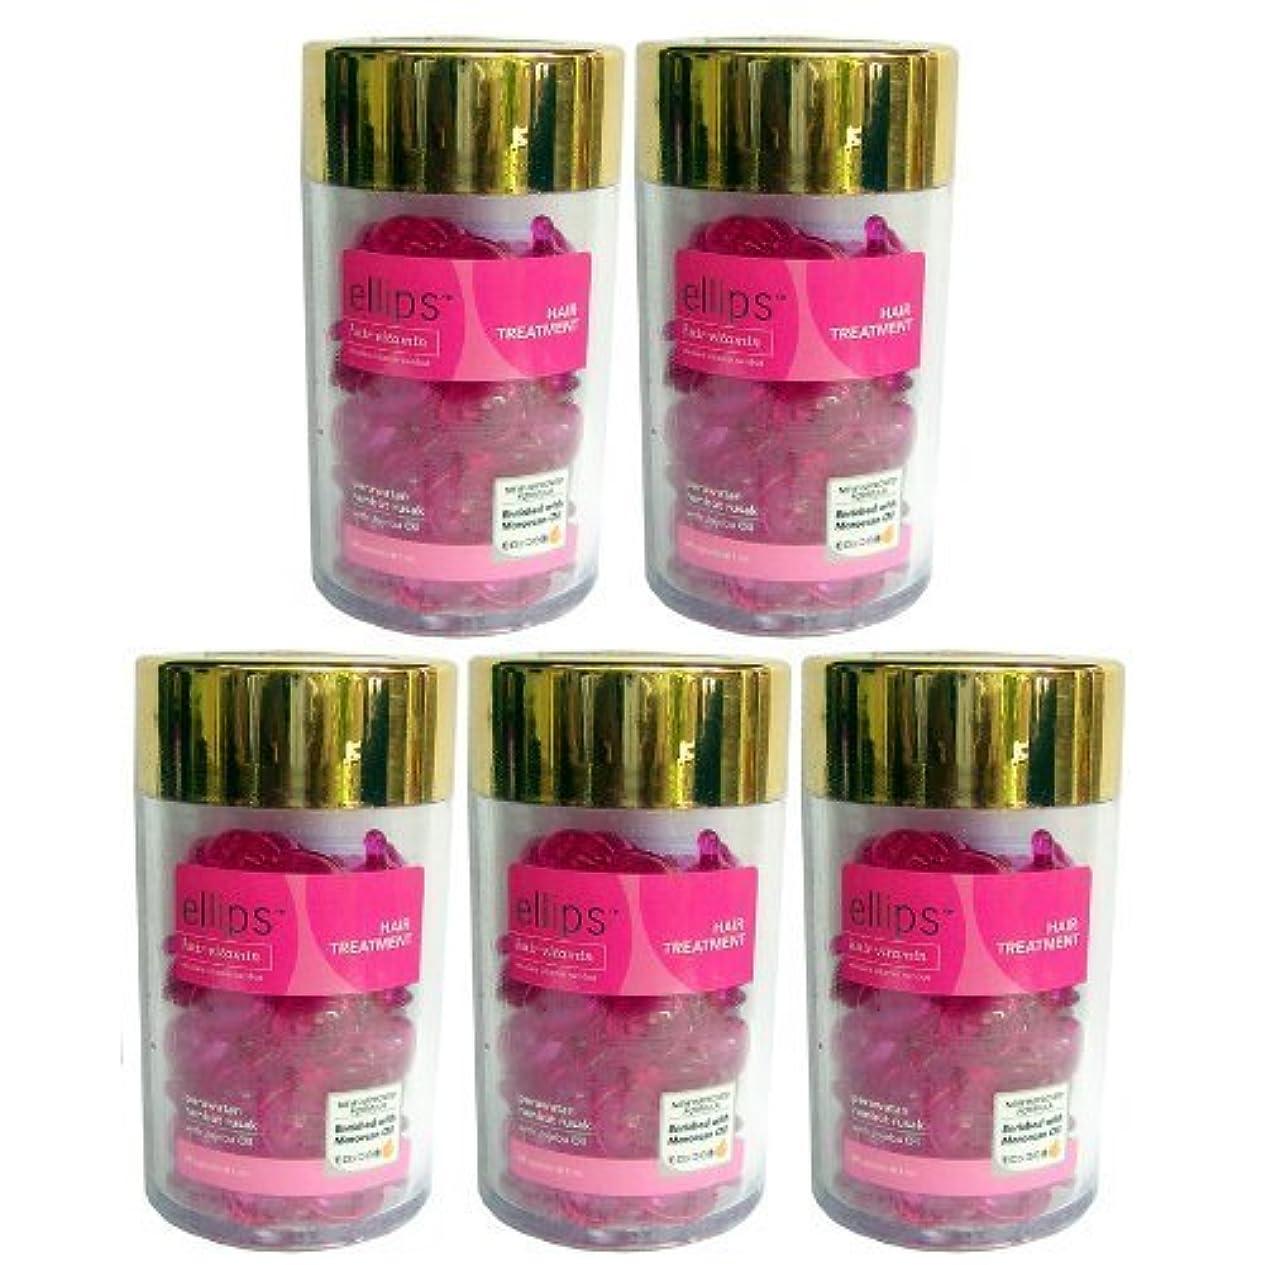 生むゴム恐怖症エリップス ellips ヘアビタミン洗い流さないヘアトリートメント(並行輸入品) (ピンク5本)